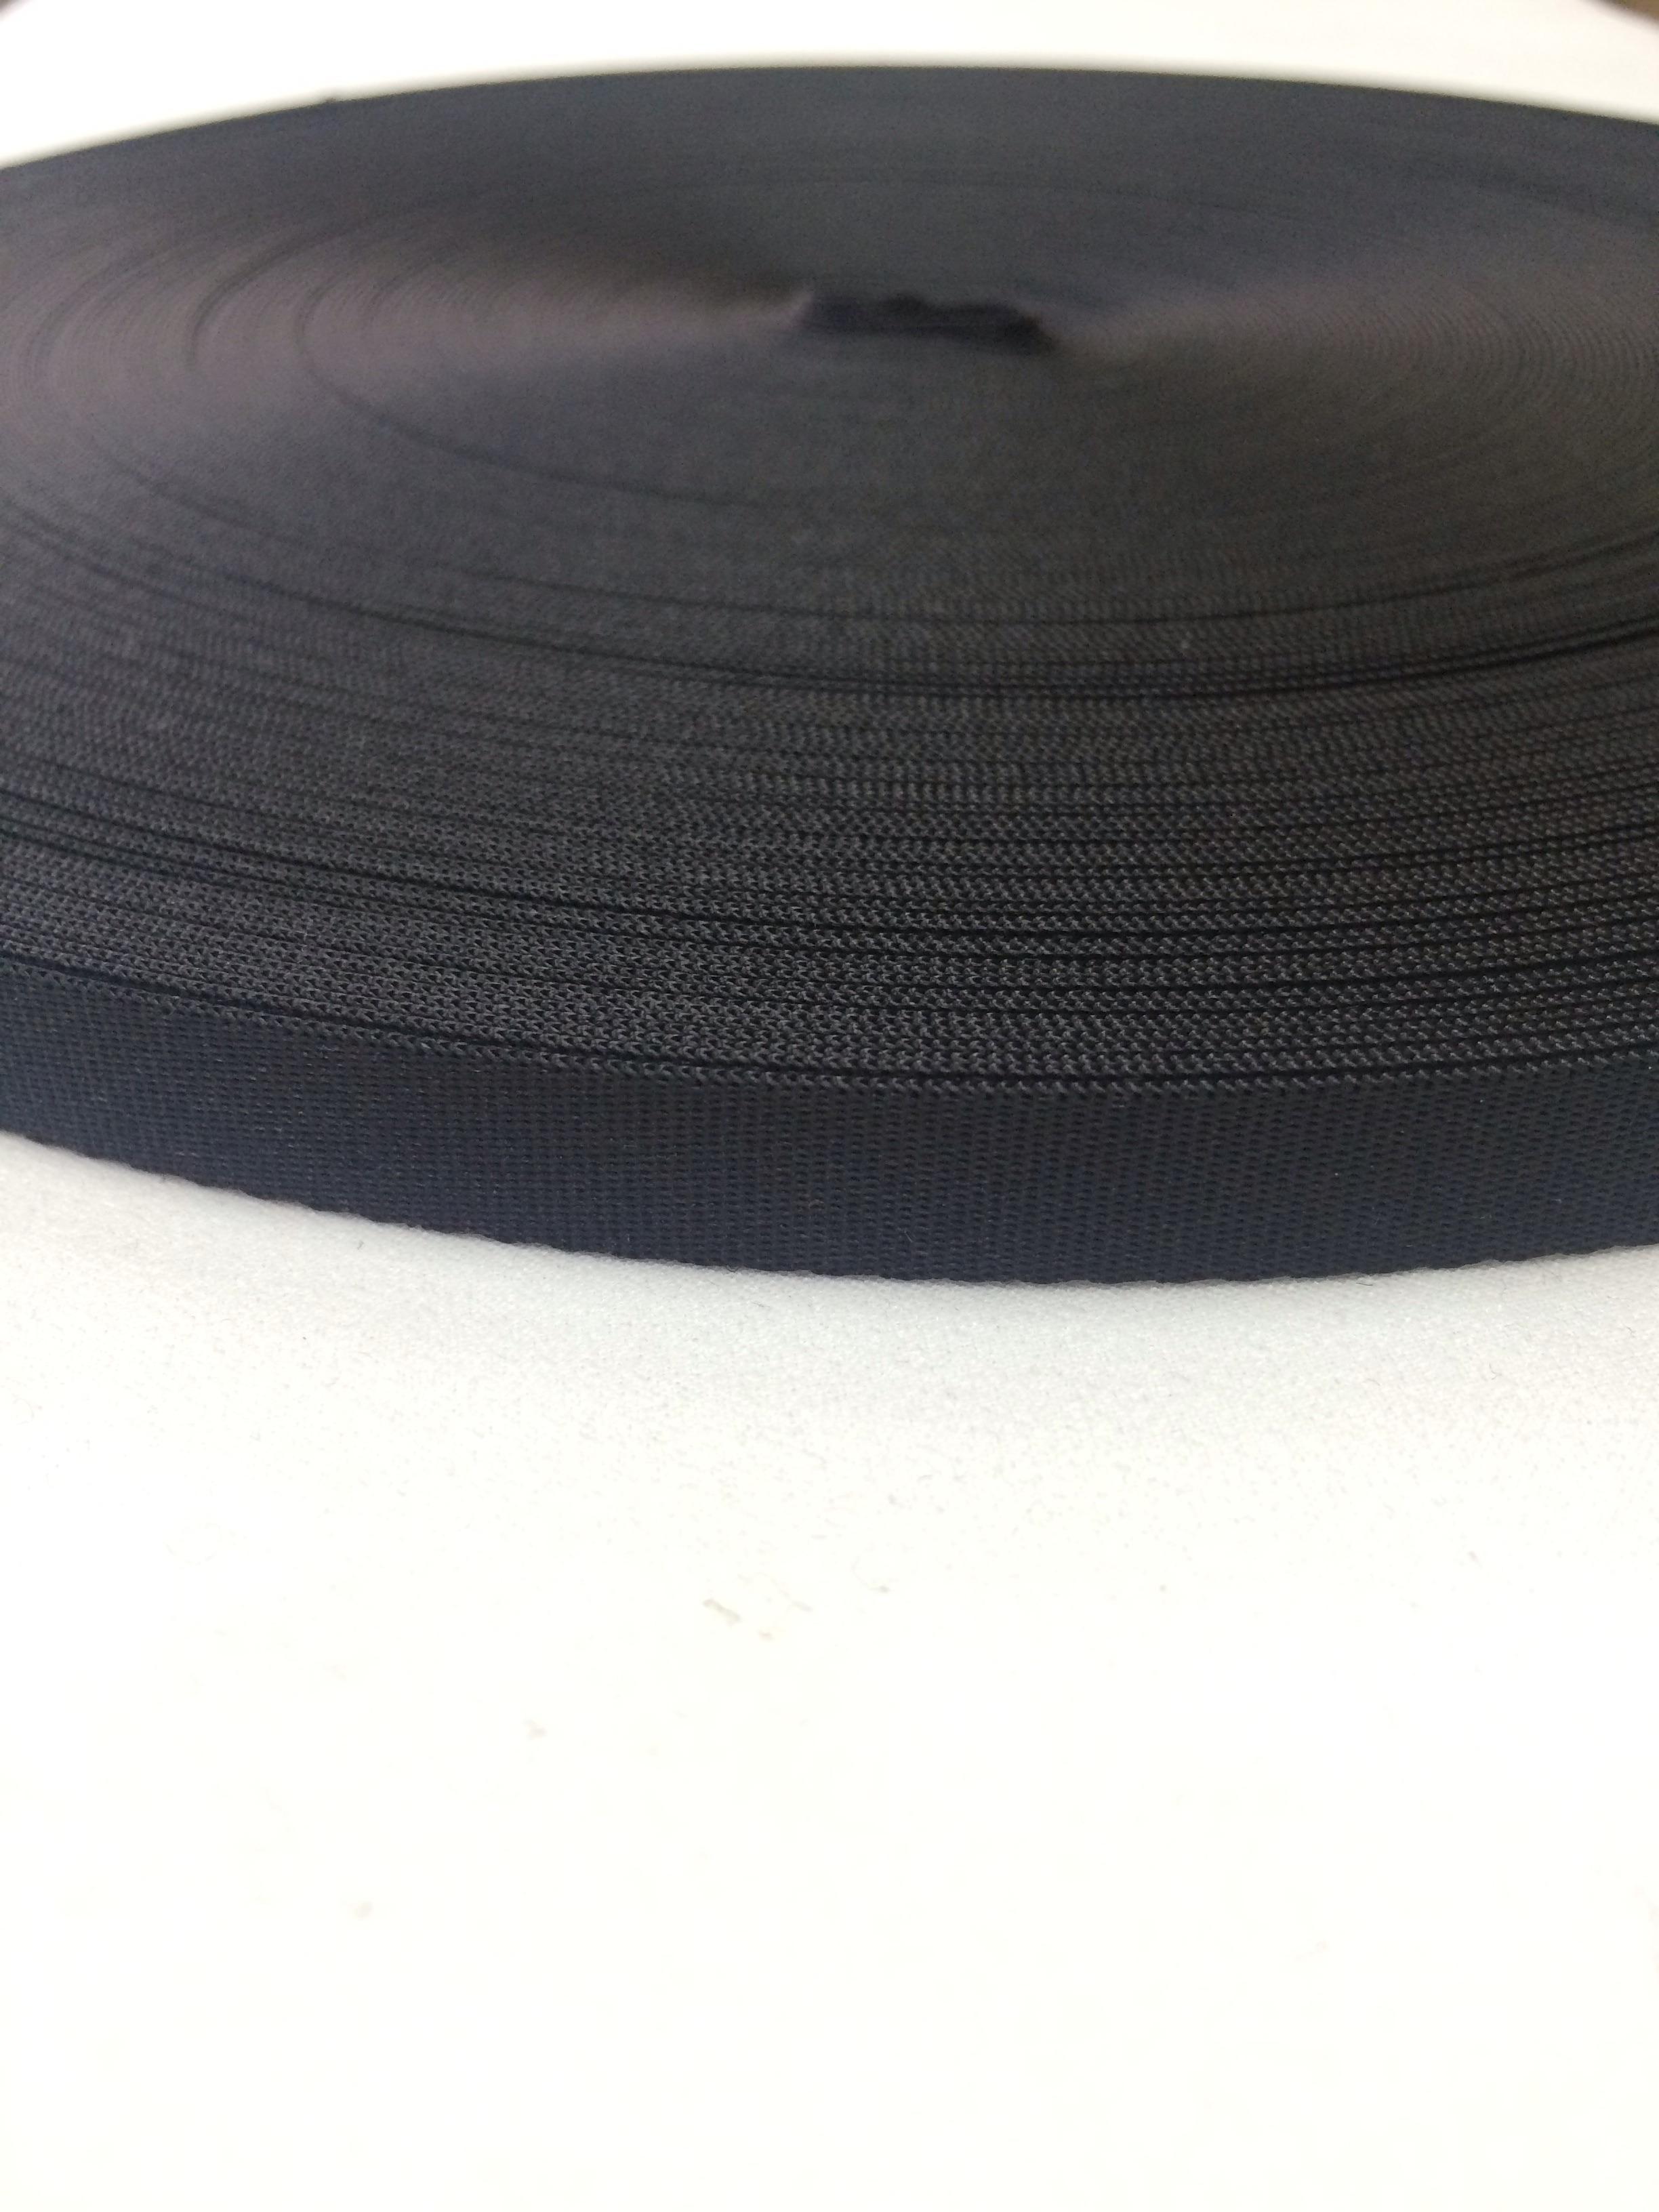 ナイロンテープ 流綾織 6mm幅 1.1mm厚 黒 50m巻き